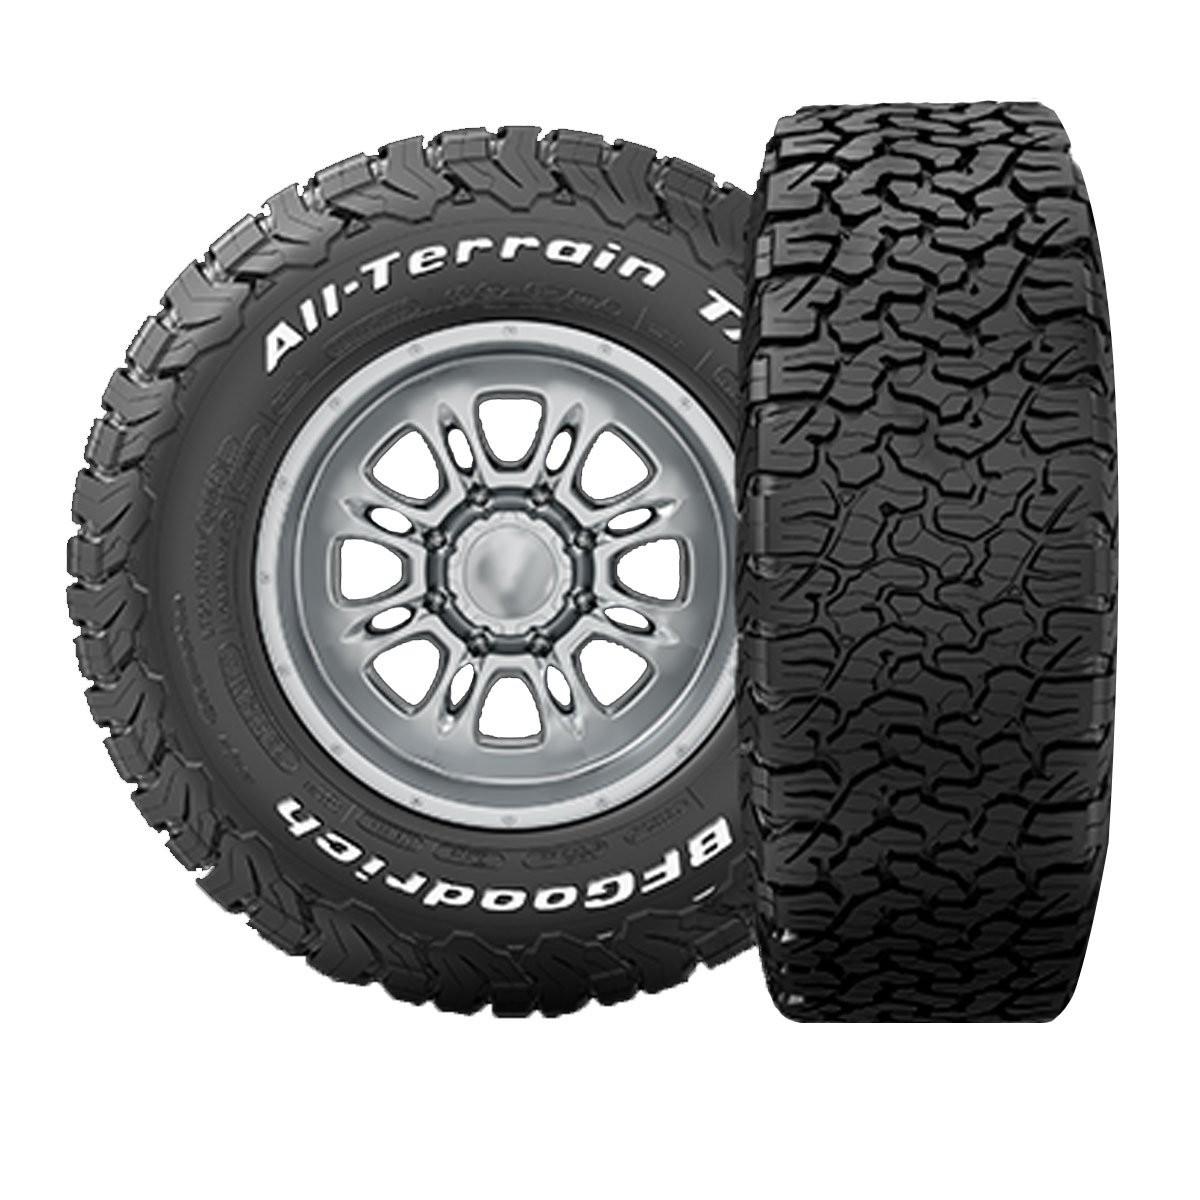 Bf Goodrich All Terrain Ko2 >> Bf Goodrich All Terrain T A Ko2 Tire 35x12 50r20 Discount Bandit